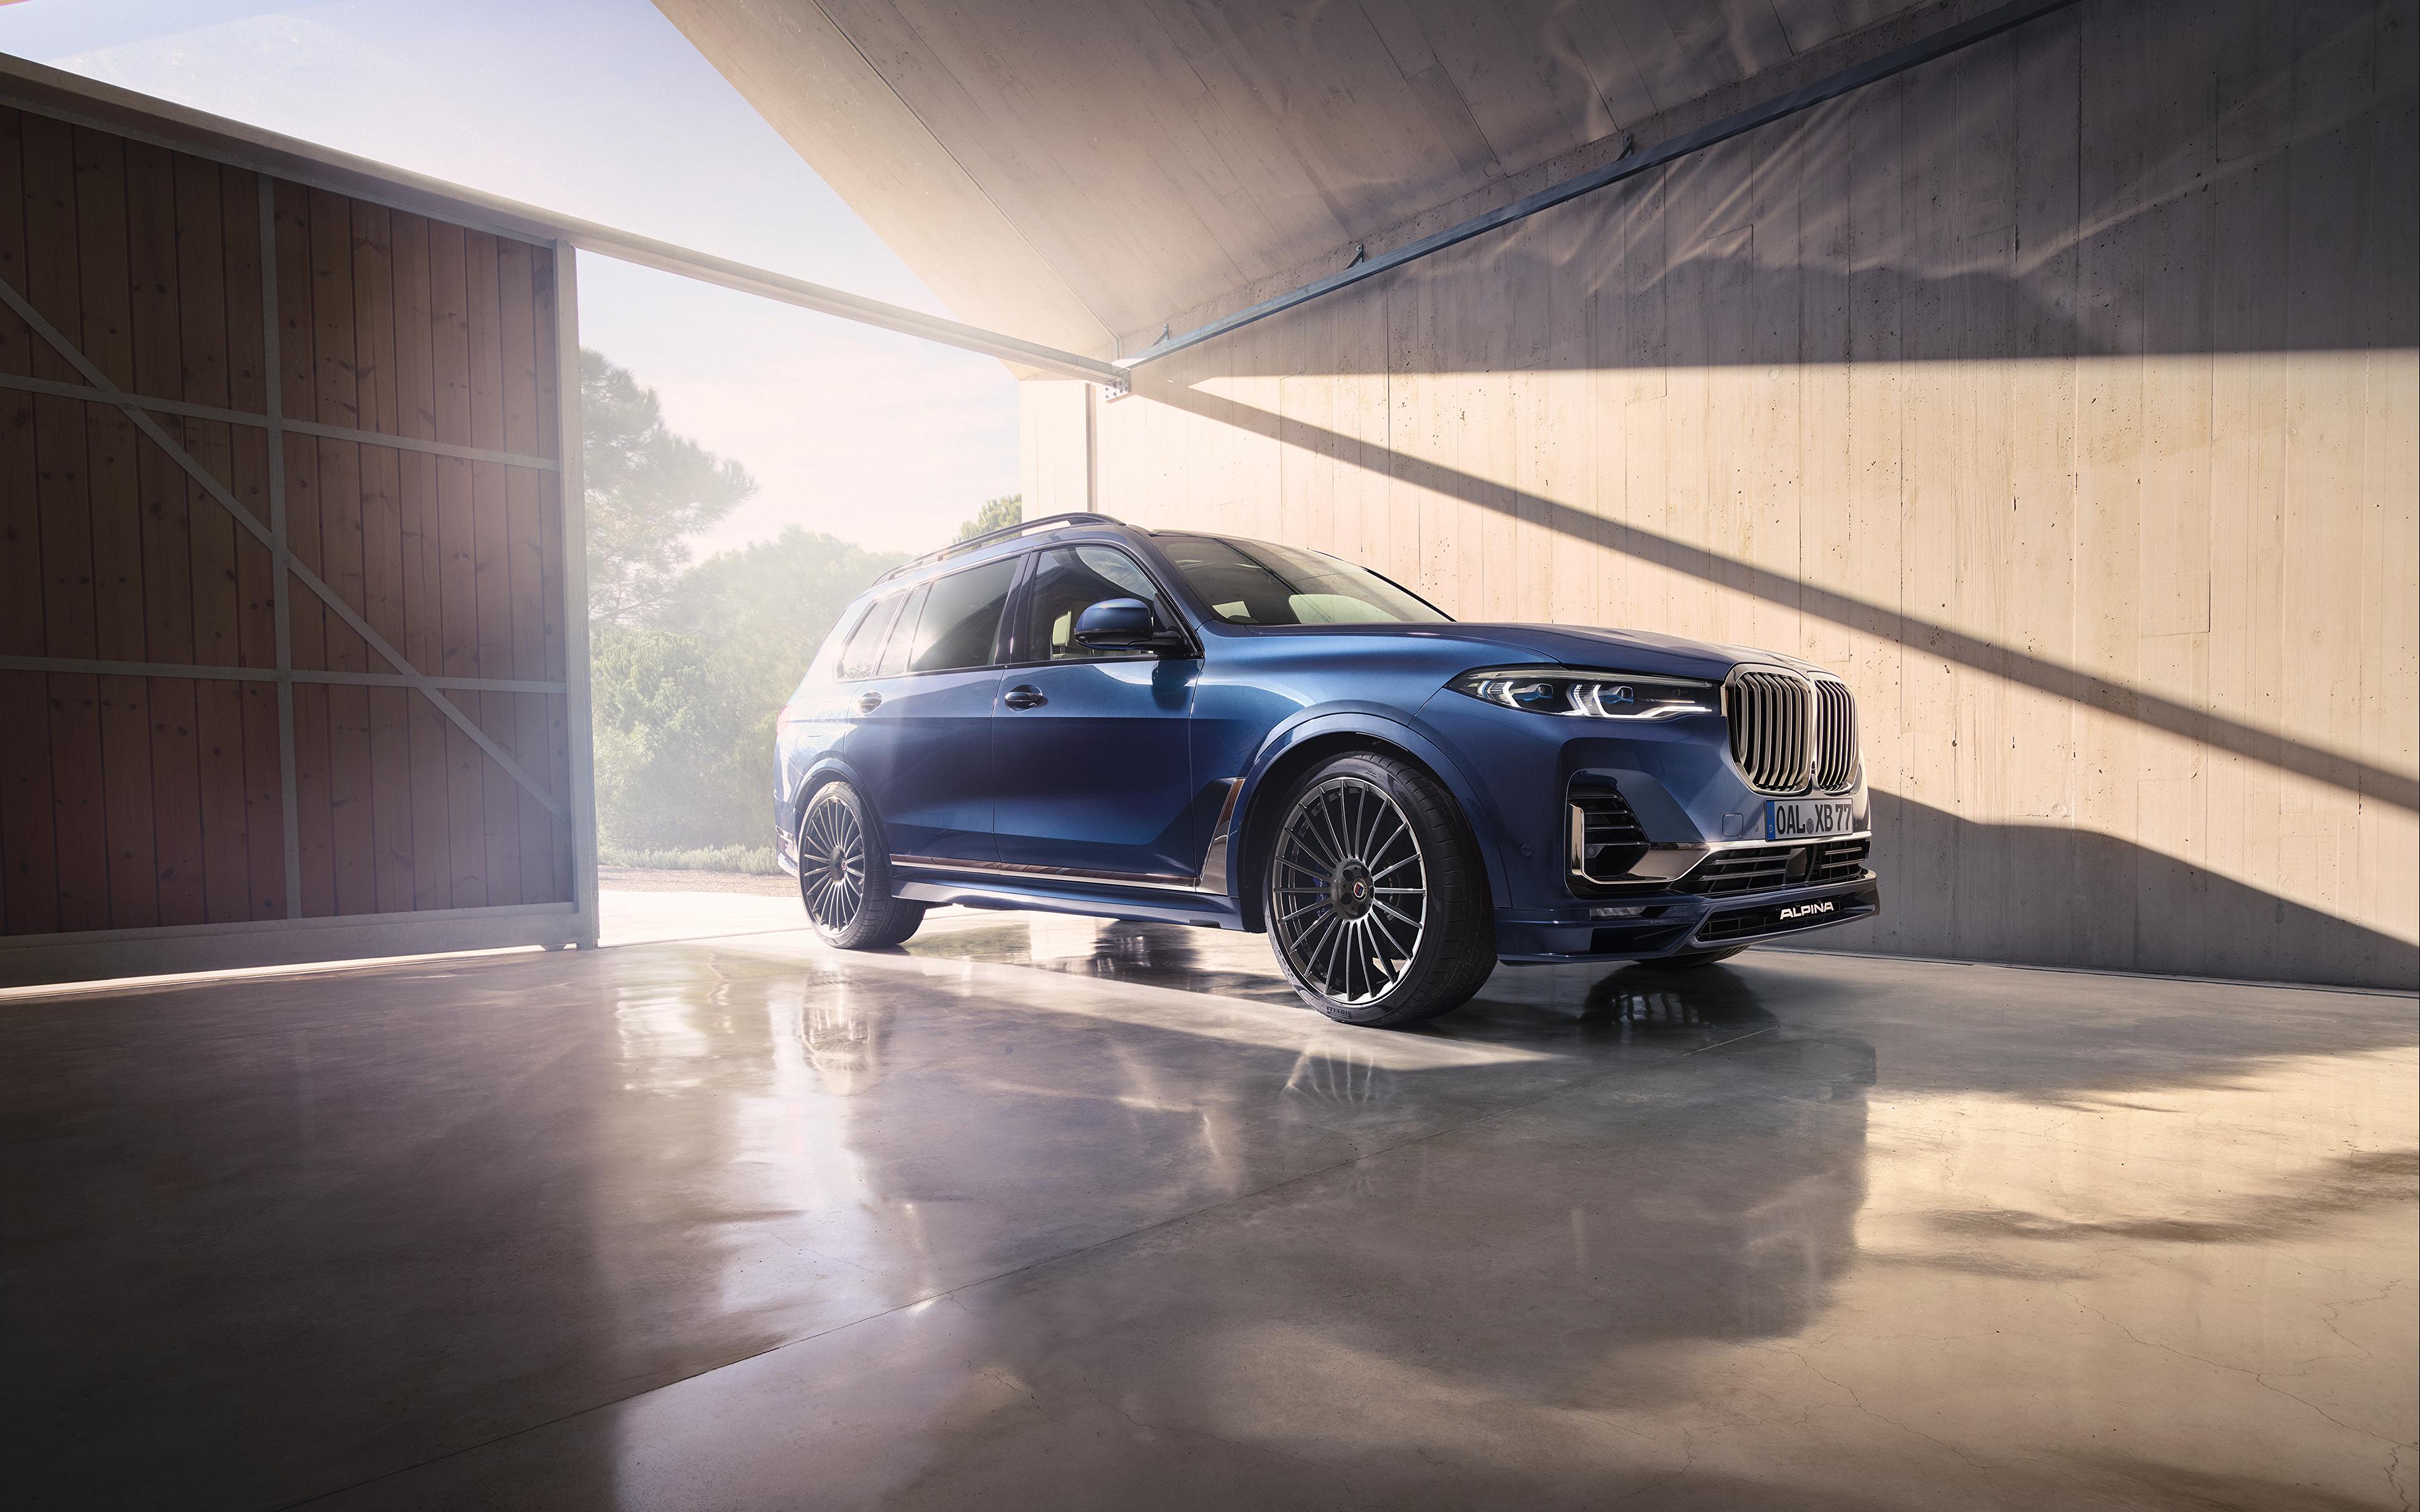 Обои для рабочего стола BMW Кроссовер 2020 Alpina XB7 Worldwide синяя Автомобили 3840x2400 БМВ CUV Синий синие синих авто машины машина автомобиль